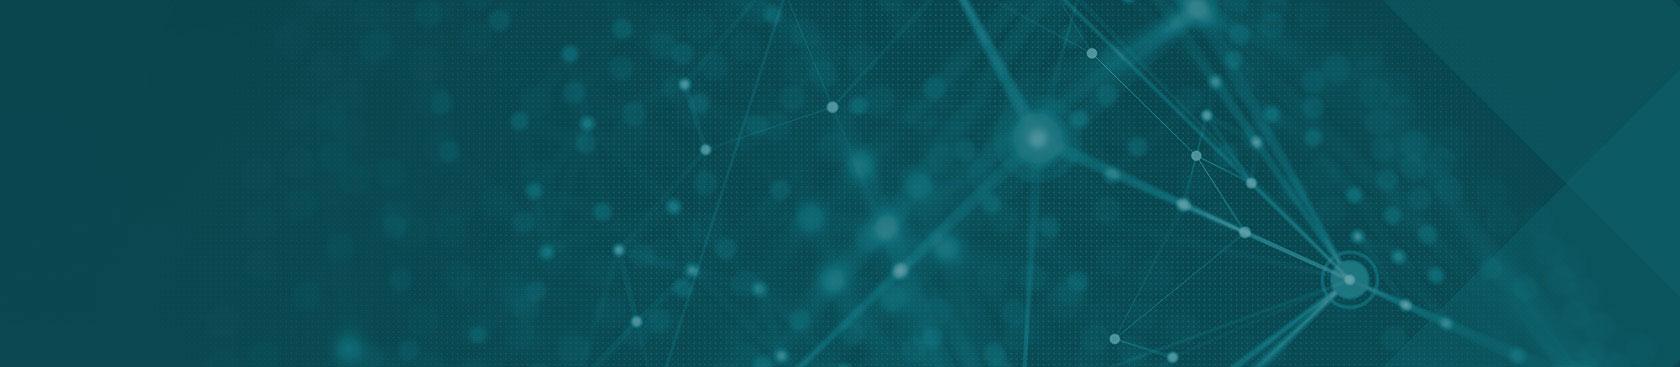 virtualization-monitoring